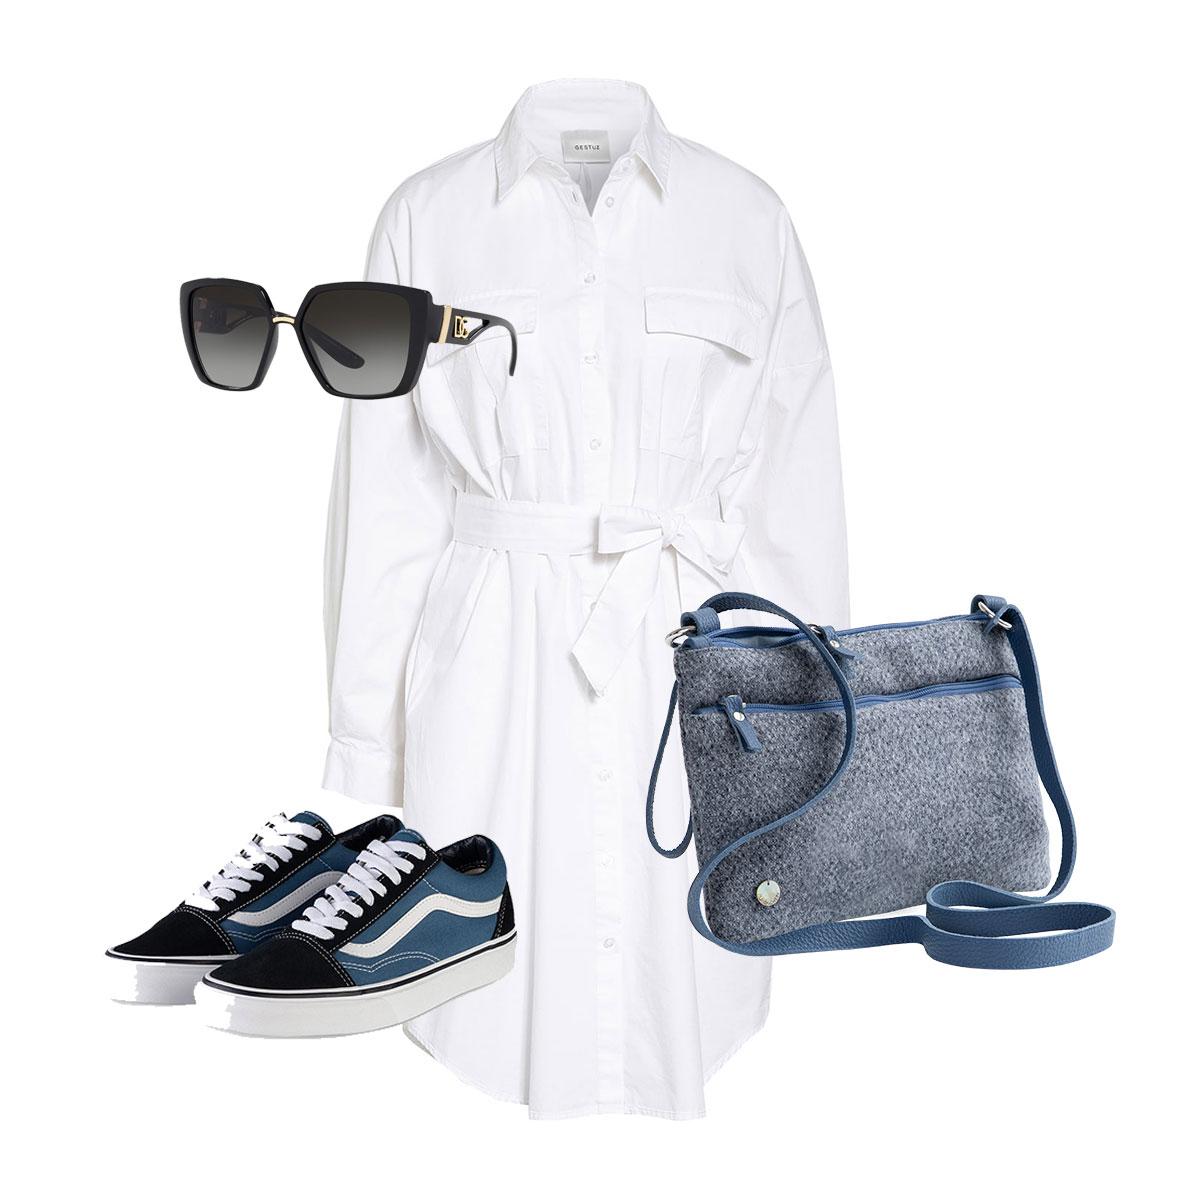 Outfit Inspiration, Hemdblusenkleid weiß, Sneakers zum Kleid, Herbstmode